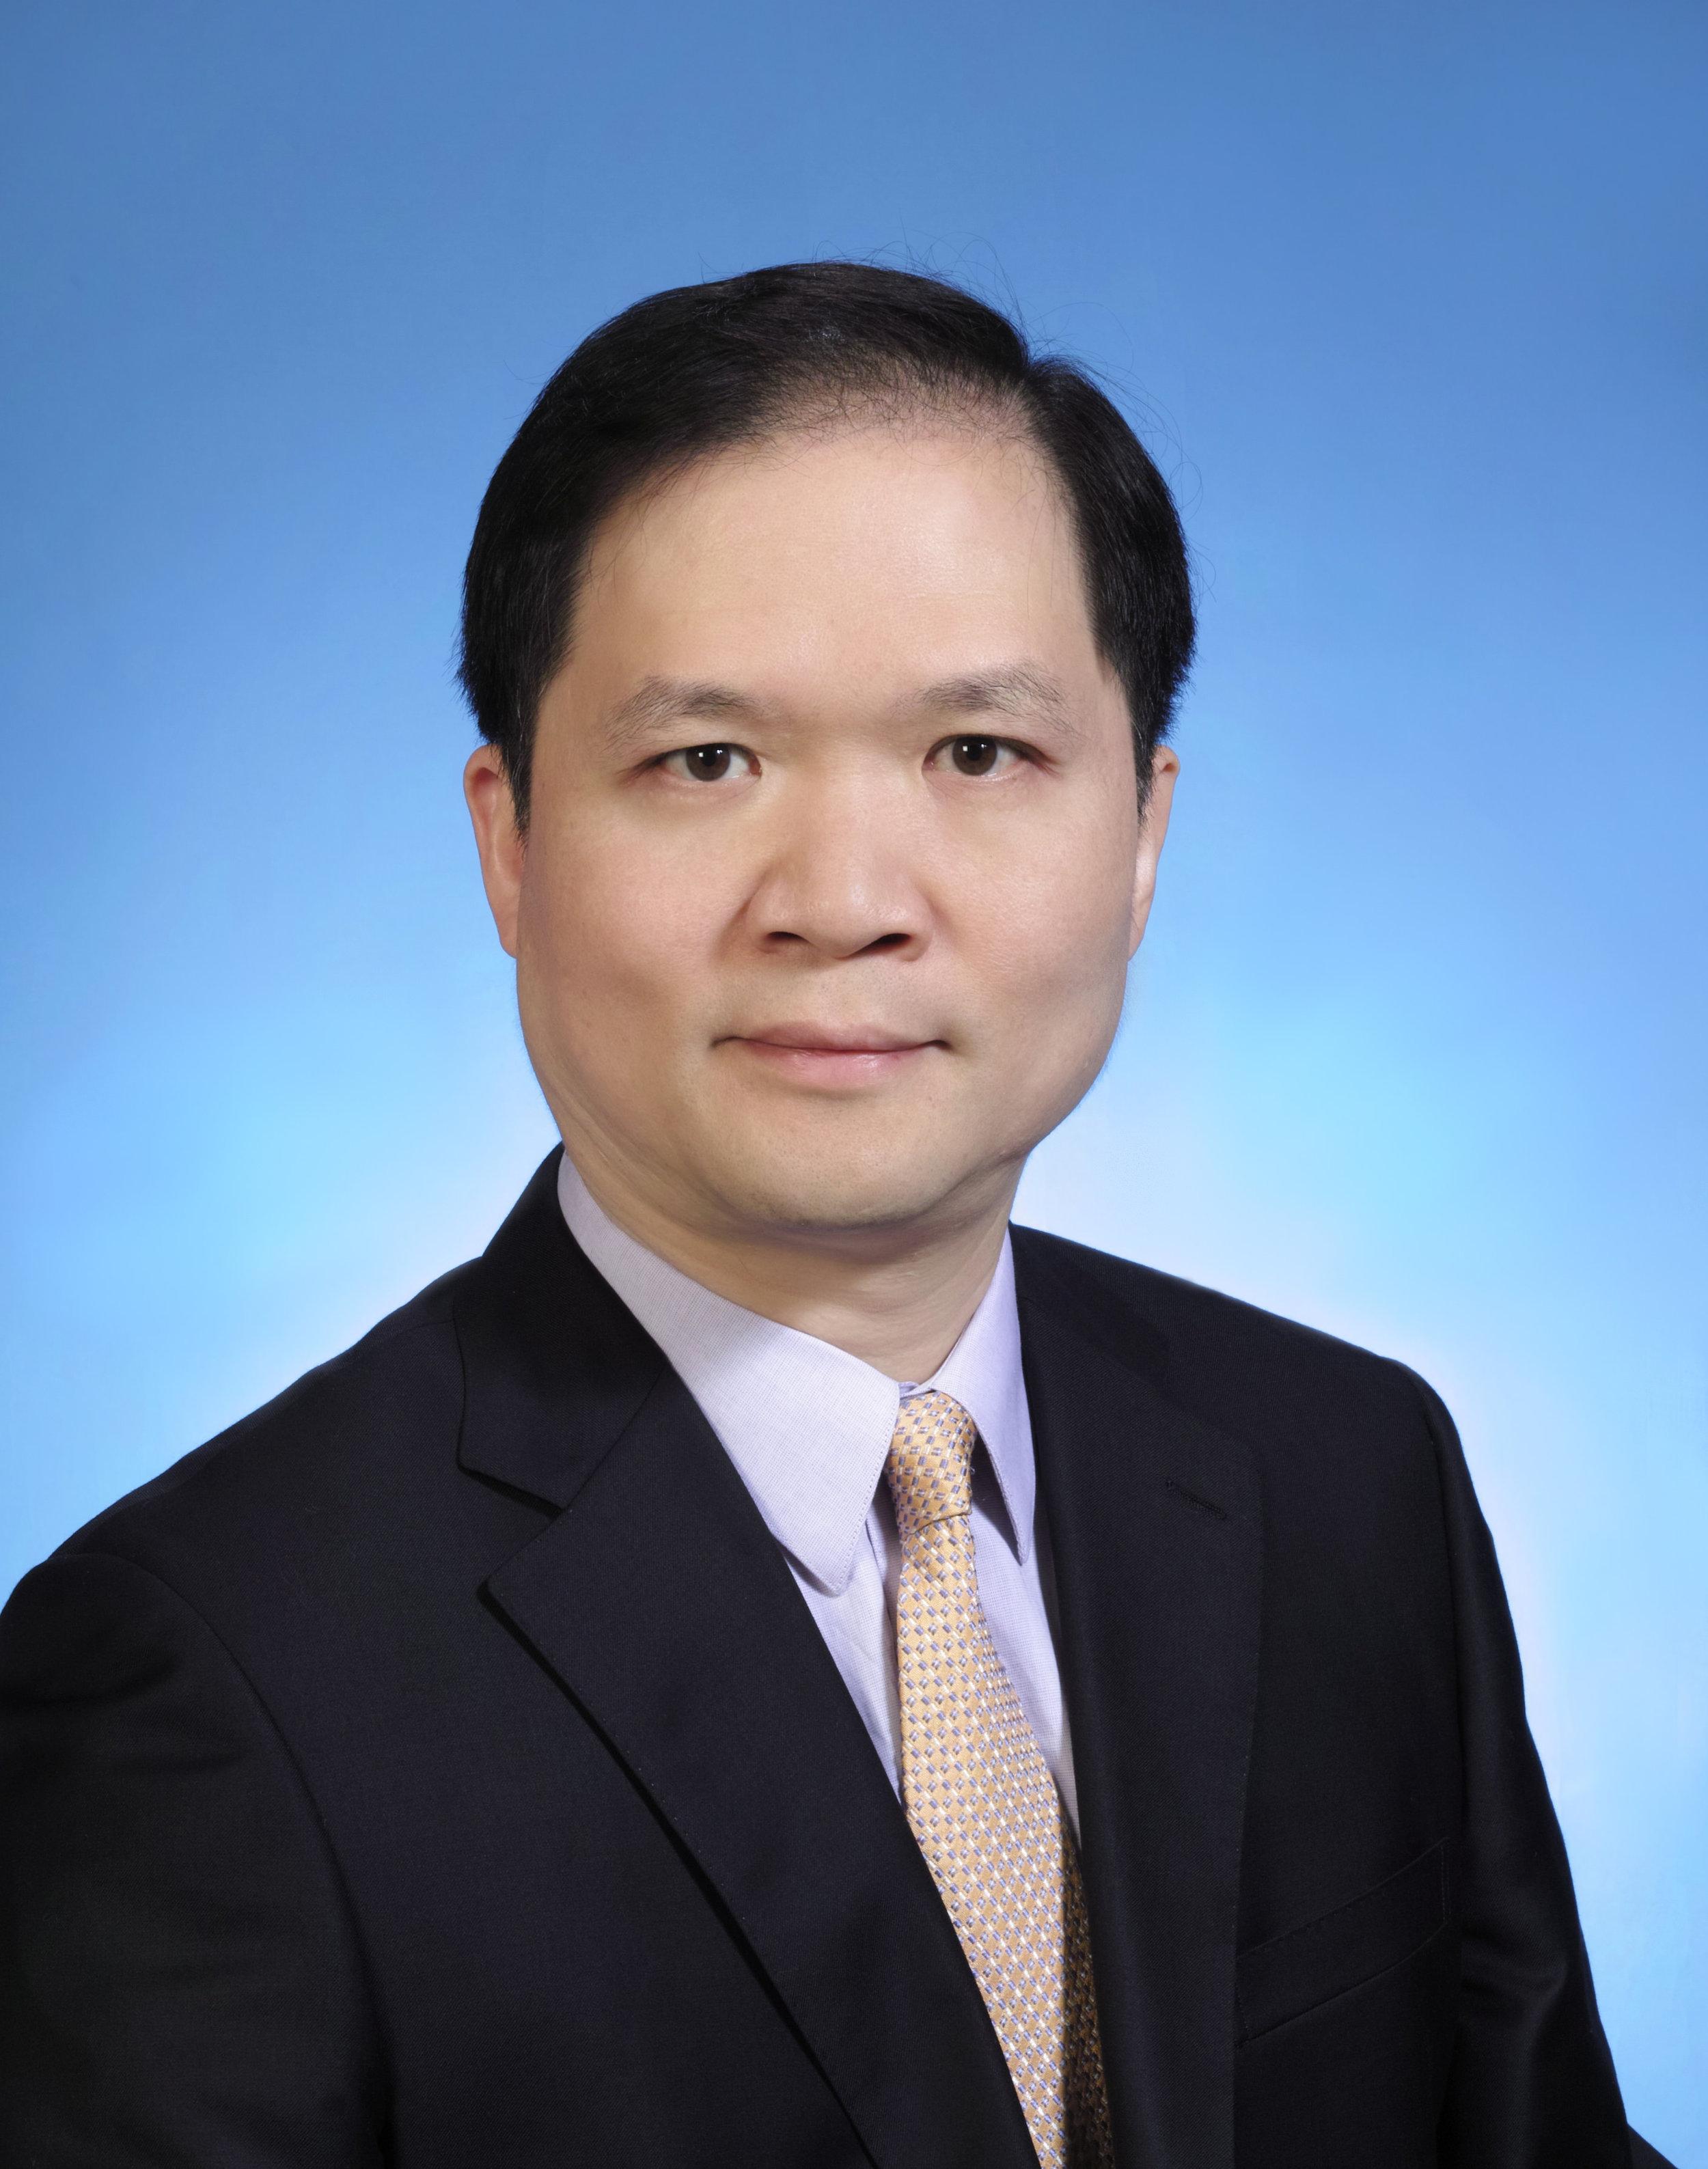 Brian Chan.JPG